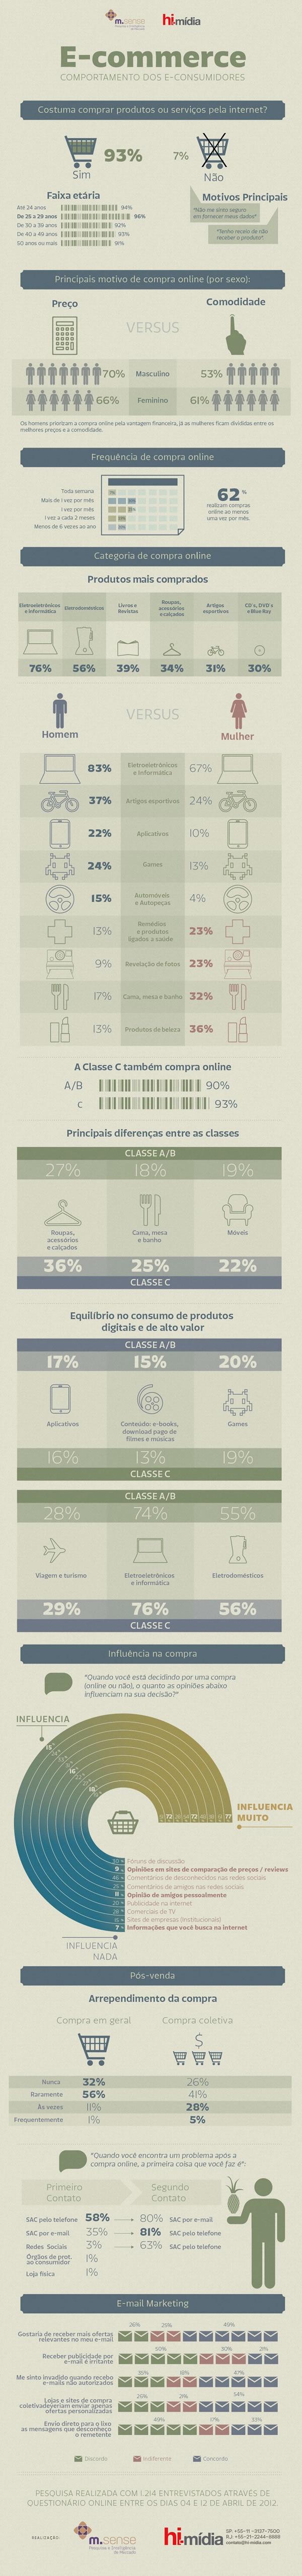 Infogrático E-commerce comportamento dos e-consumidores 2012